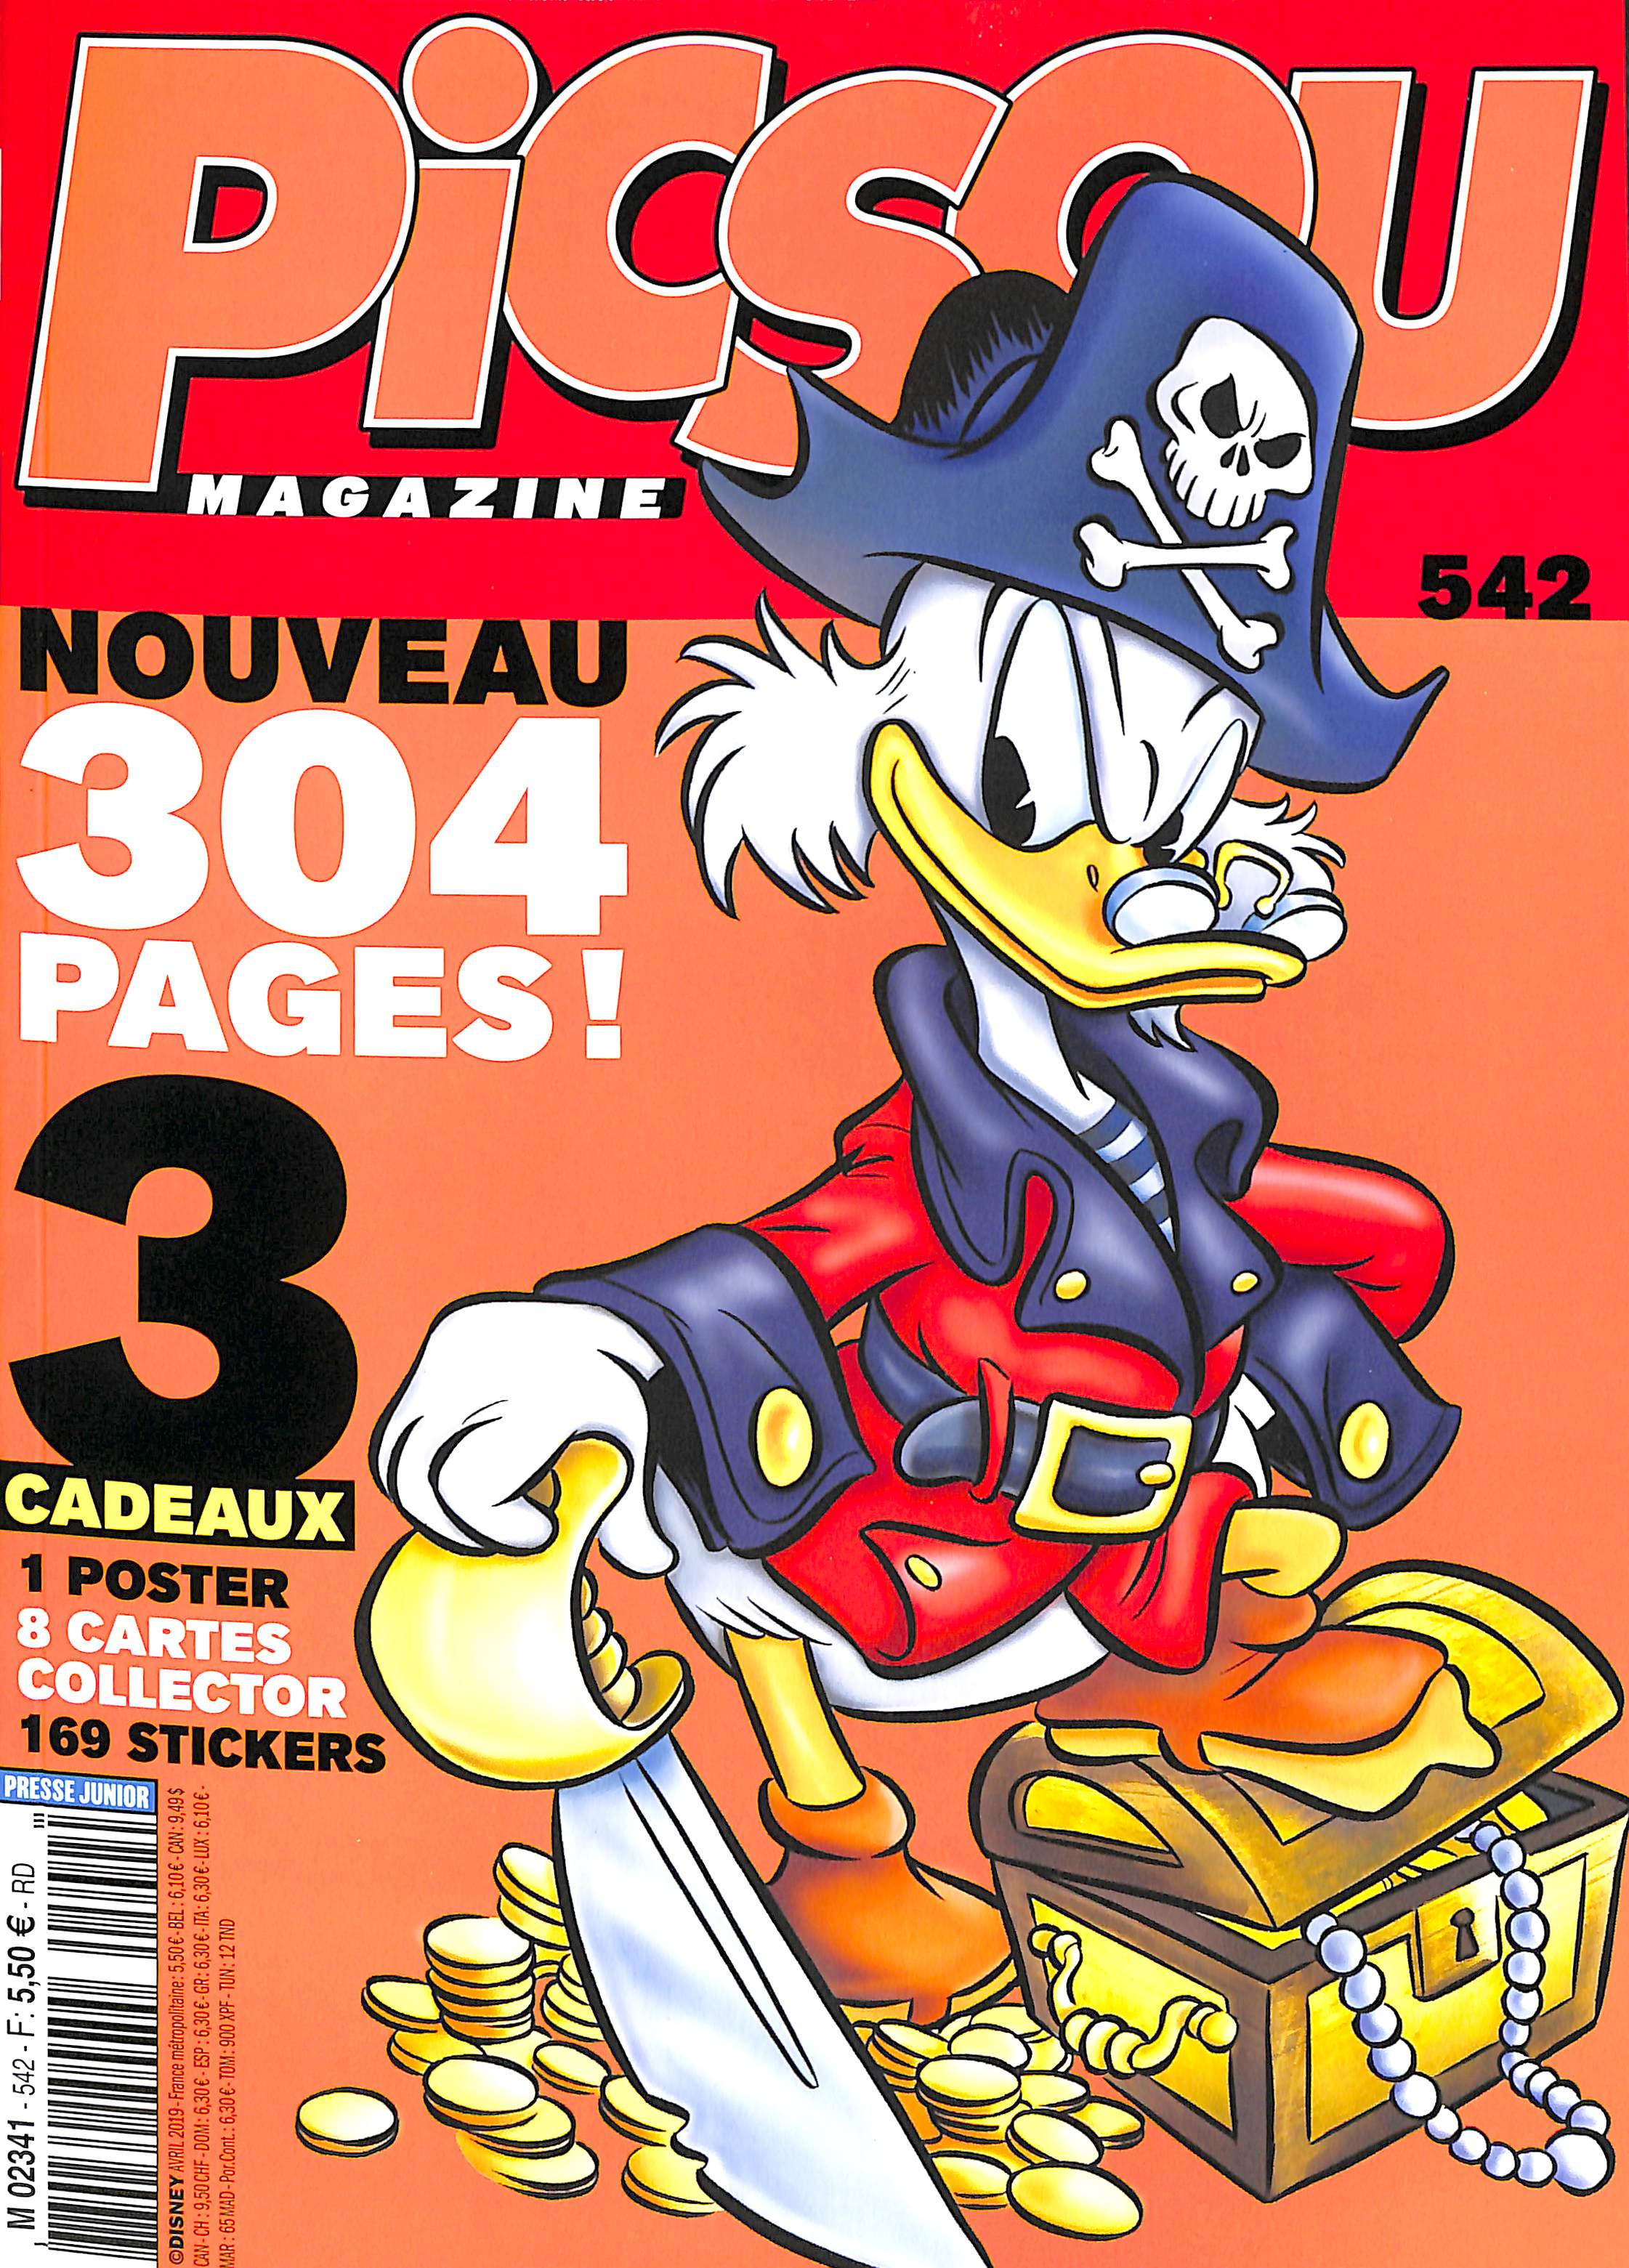 La fin des Jouets Picsou Magazine : Nouvelle formule Picsou-magazinen-542avril-2019